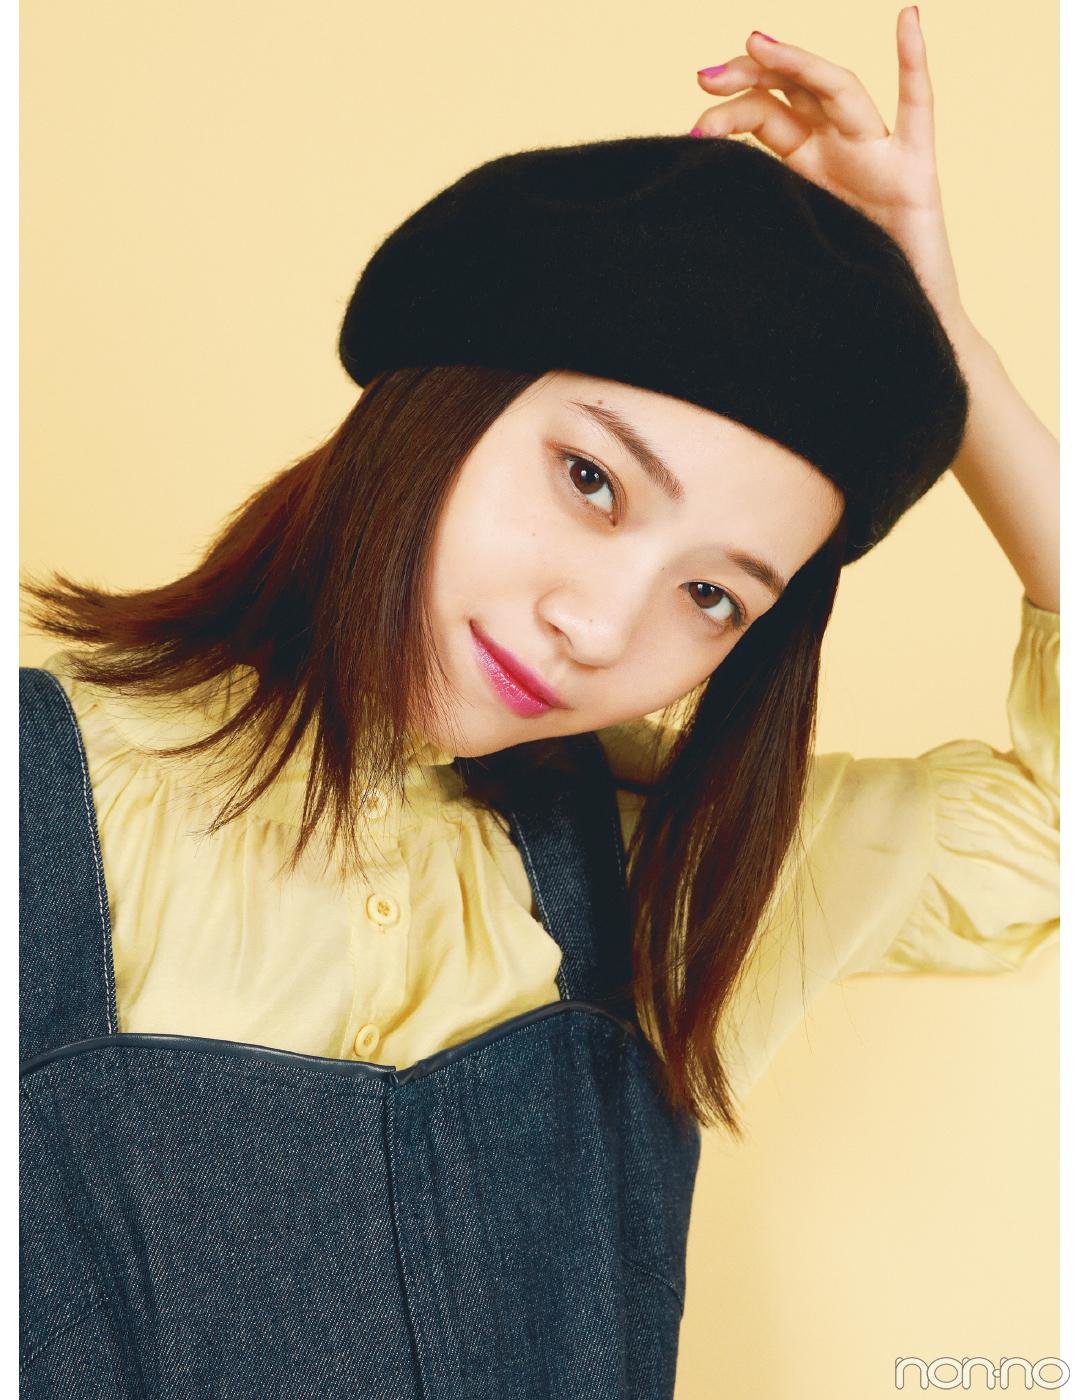 西野七瀬×スックの春新作コスメ♡ カシスパープルの限定リップで女っぽく!_1_2